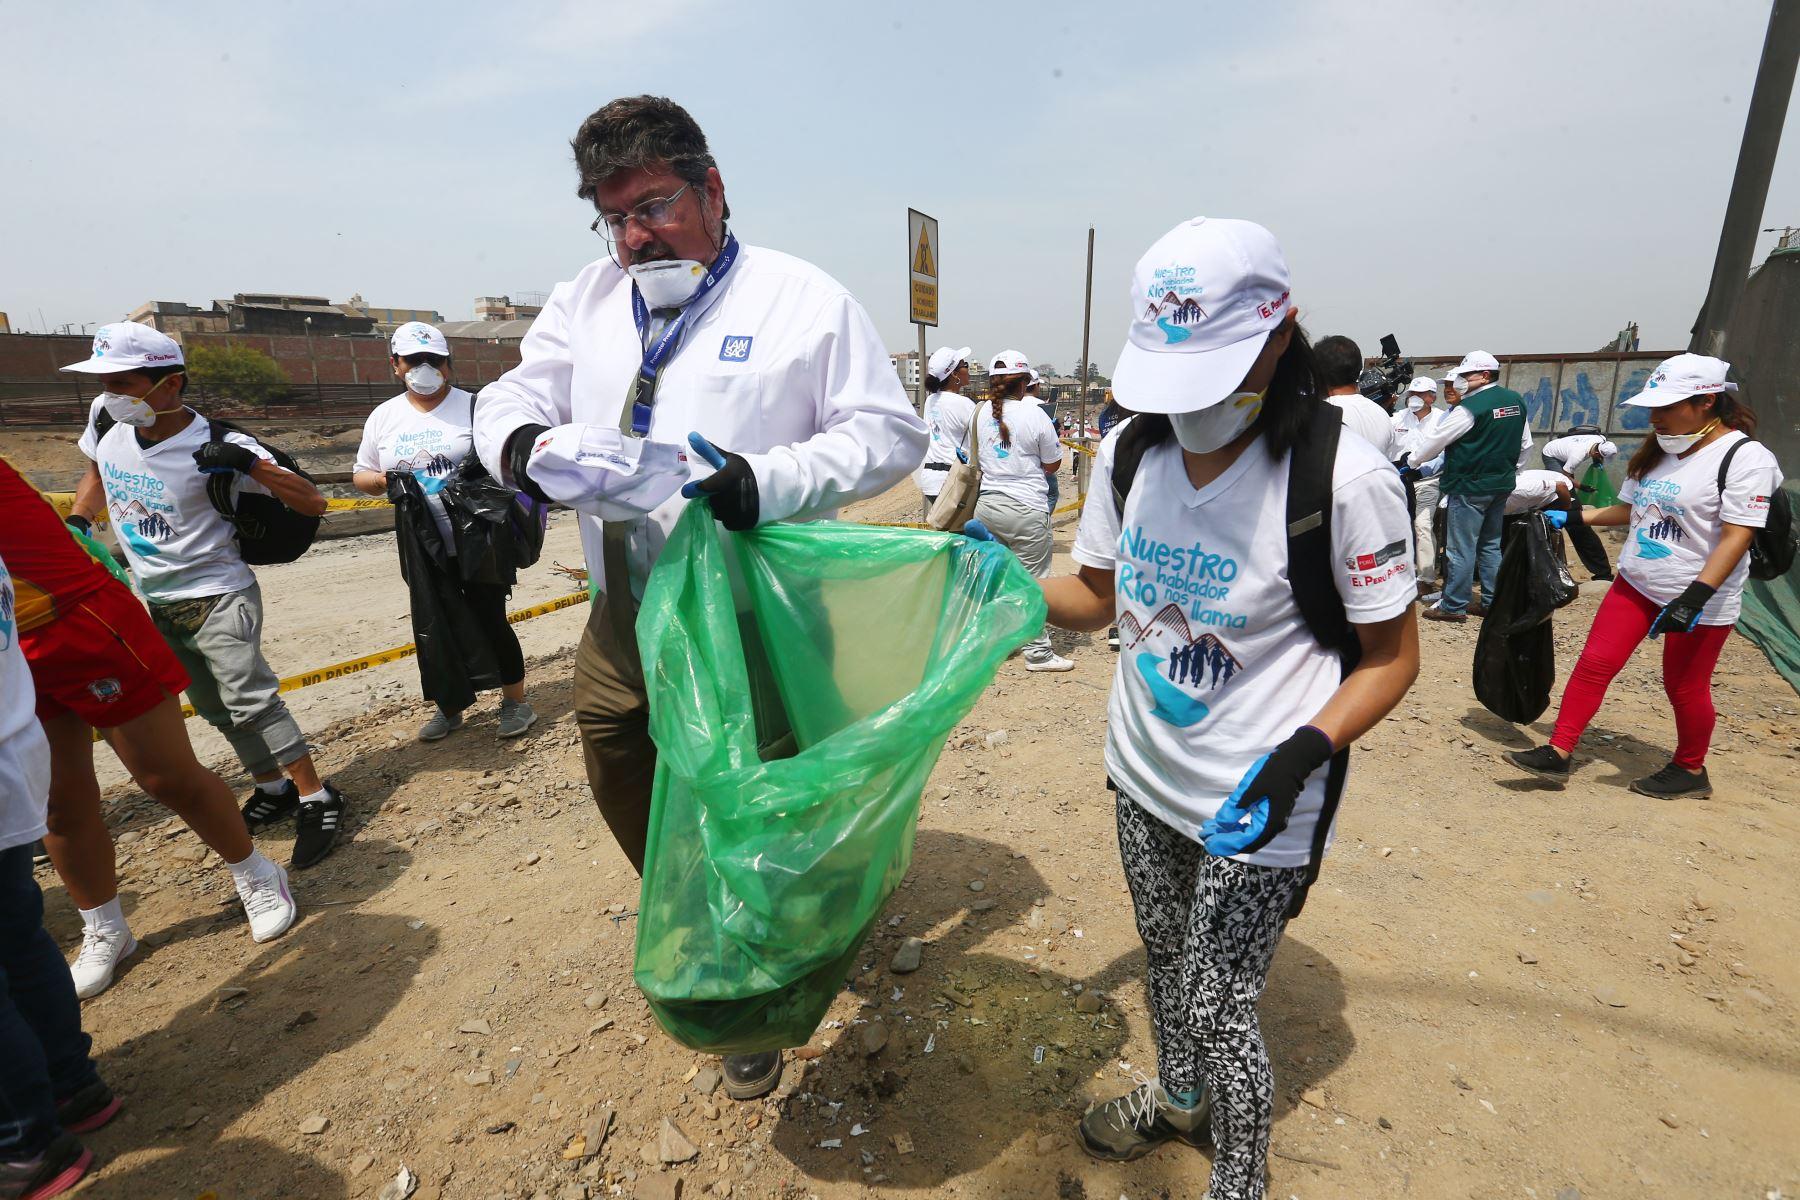 """Voluntarios apoyan la  campaña """"Nuestro río hablador nos llama""""  organizado por la Antoridad Nacional del Agua – ANA, que busca generar un cambio de actitud en la población sobre la importancia de mantener los ríos limpios de basura y residuos sólidos. Foto: ANDINA/Héctor Vinces"""